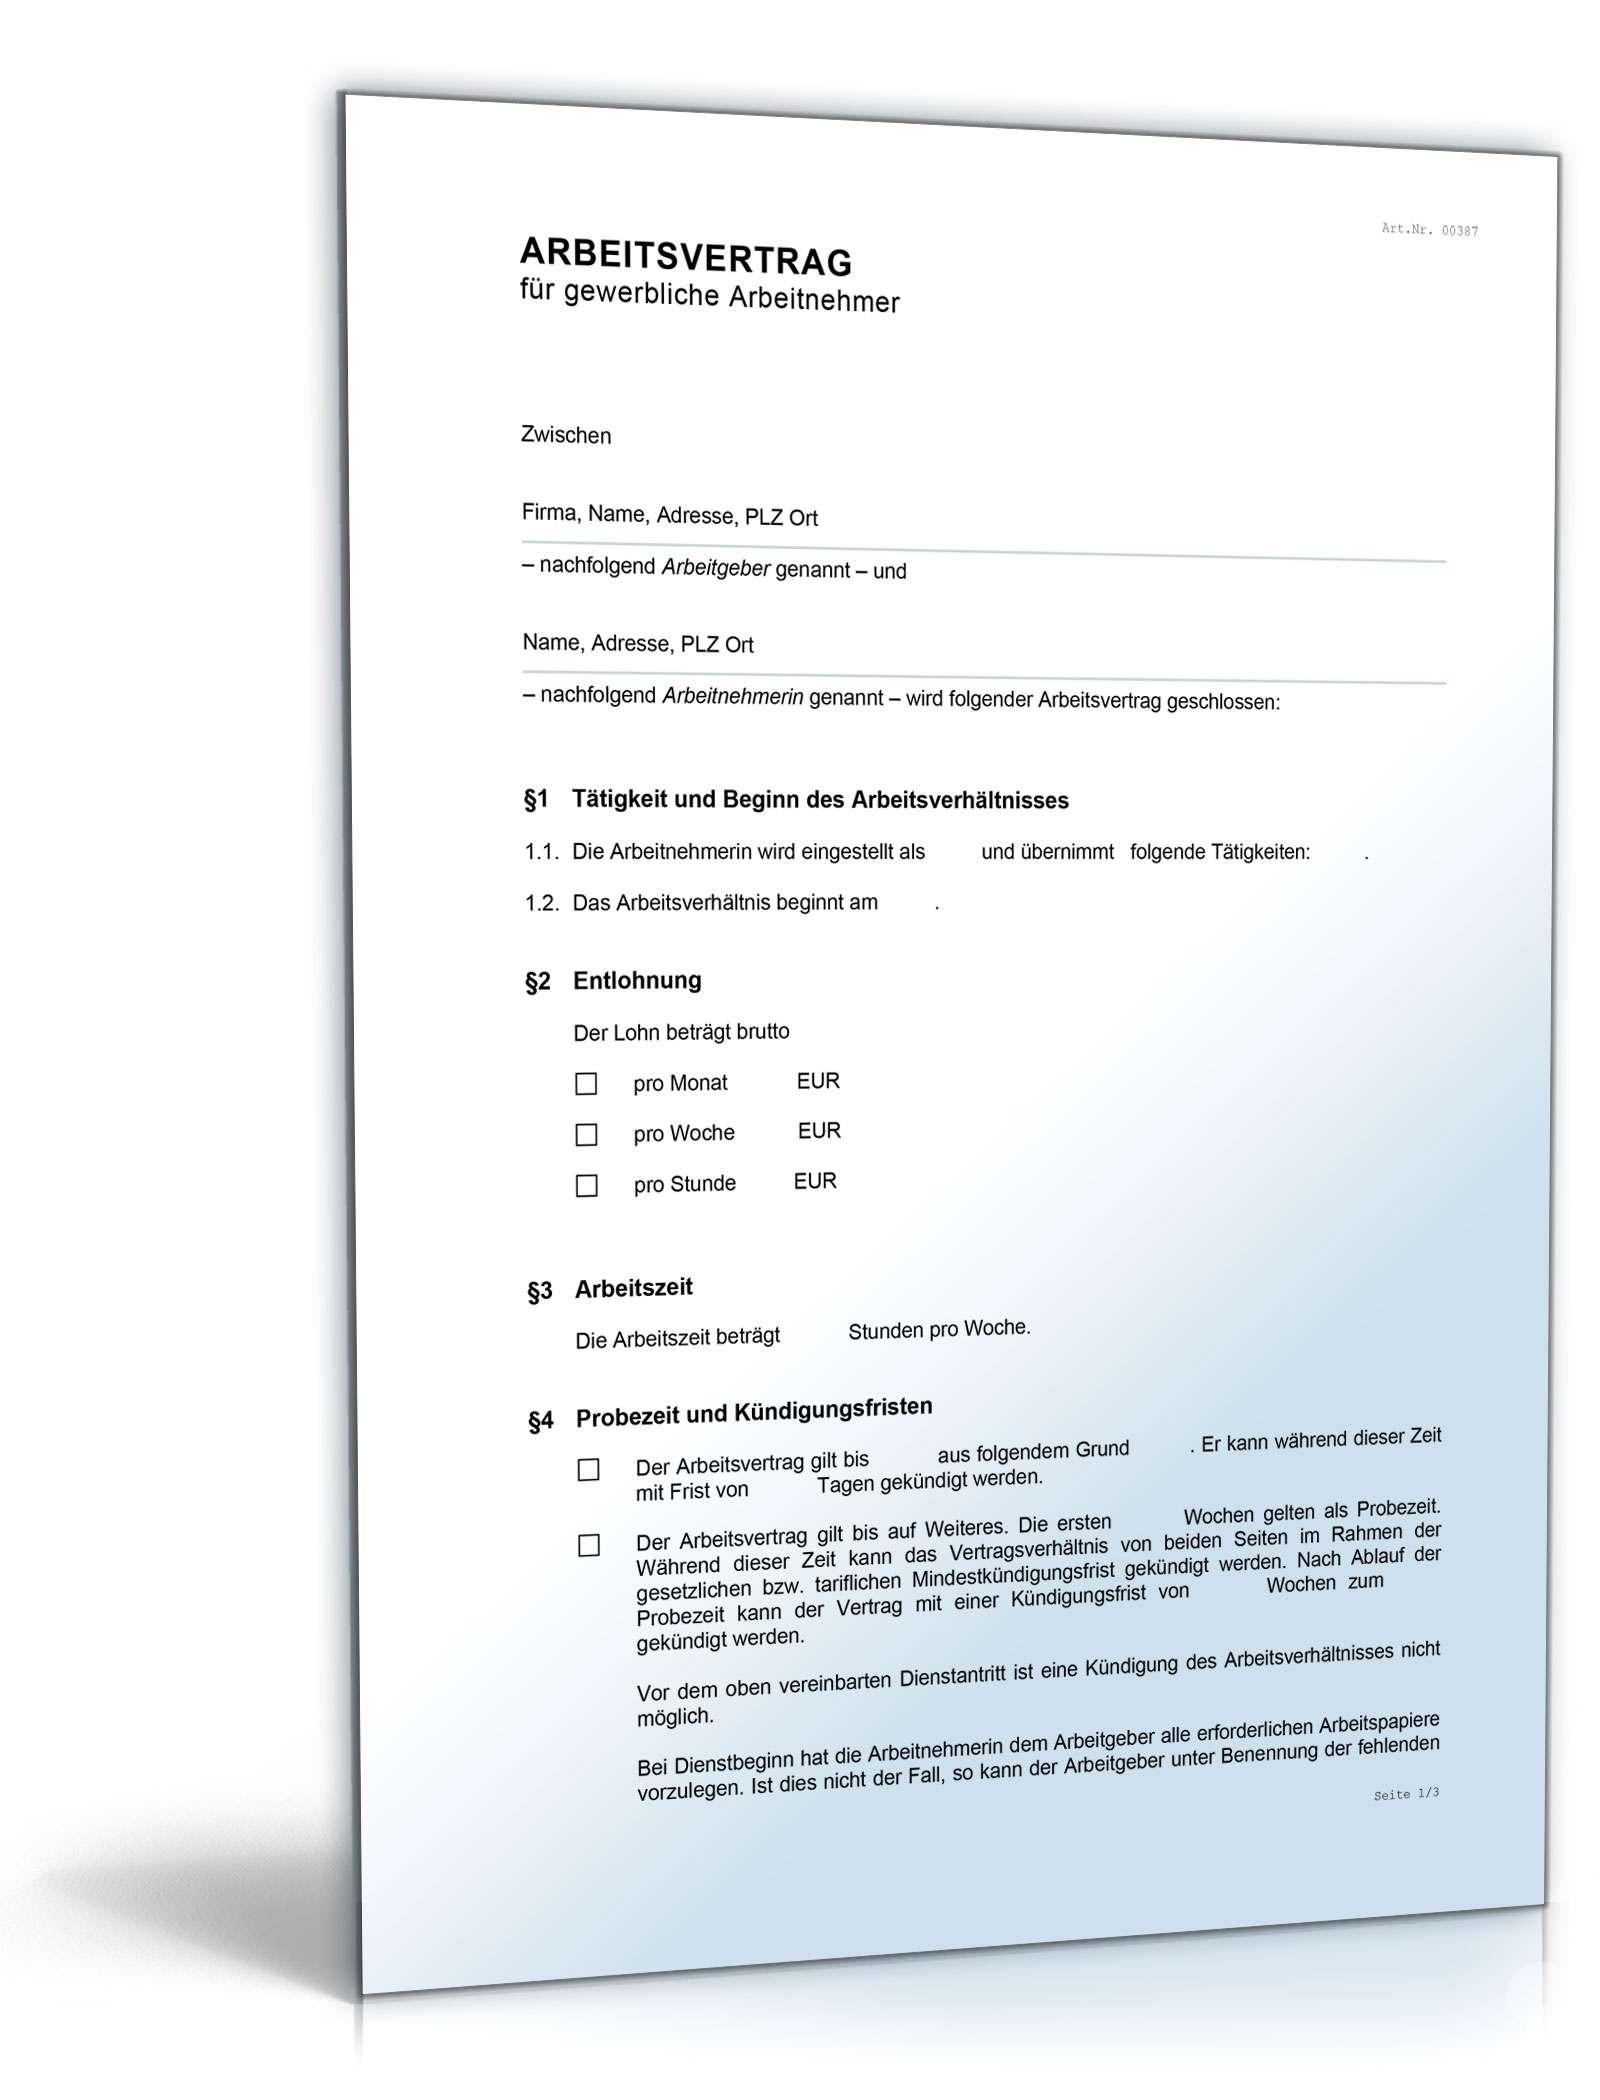 Arbeitsvertrag Gewerbliche Arbeitnehmer Muster Zum Download